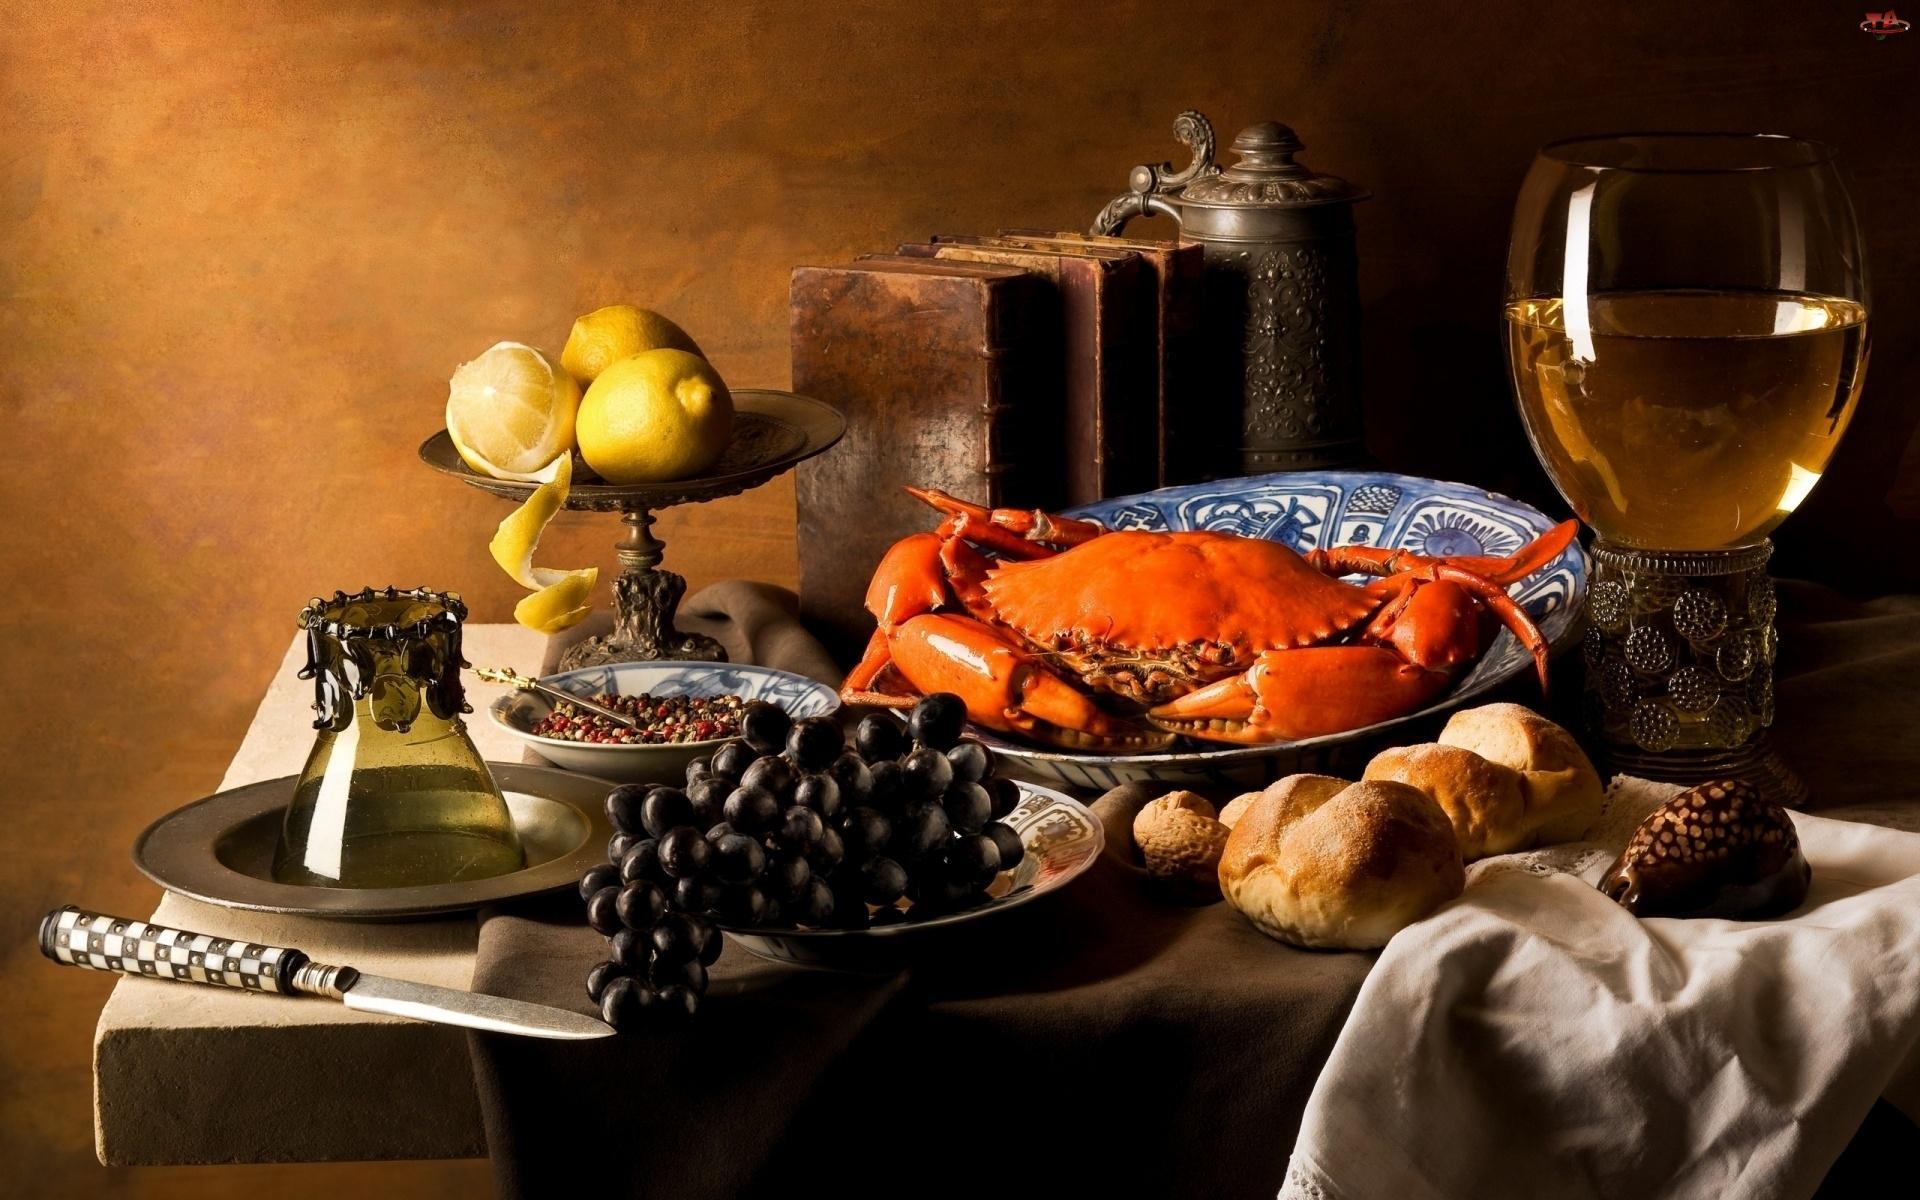 Bułki, Kolacja, Krab, Wino, Owoce